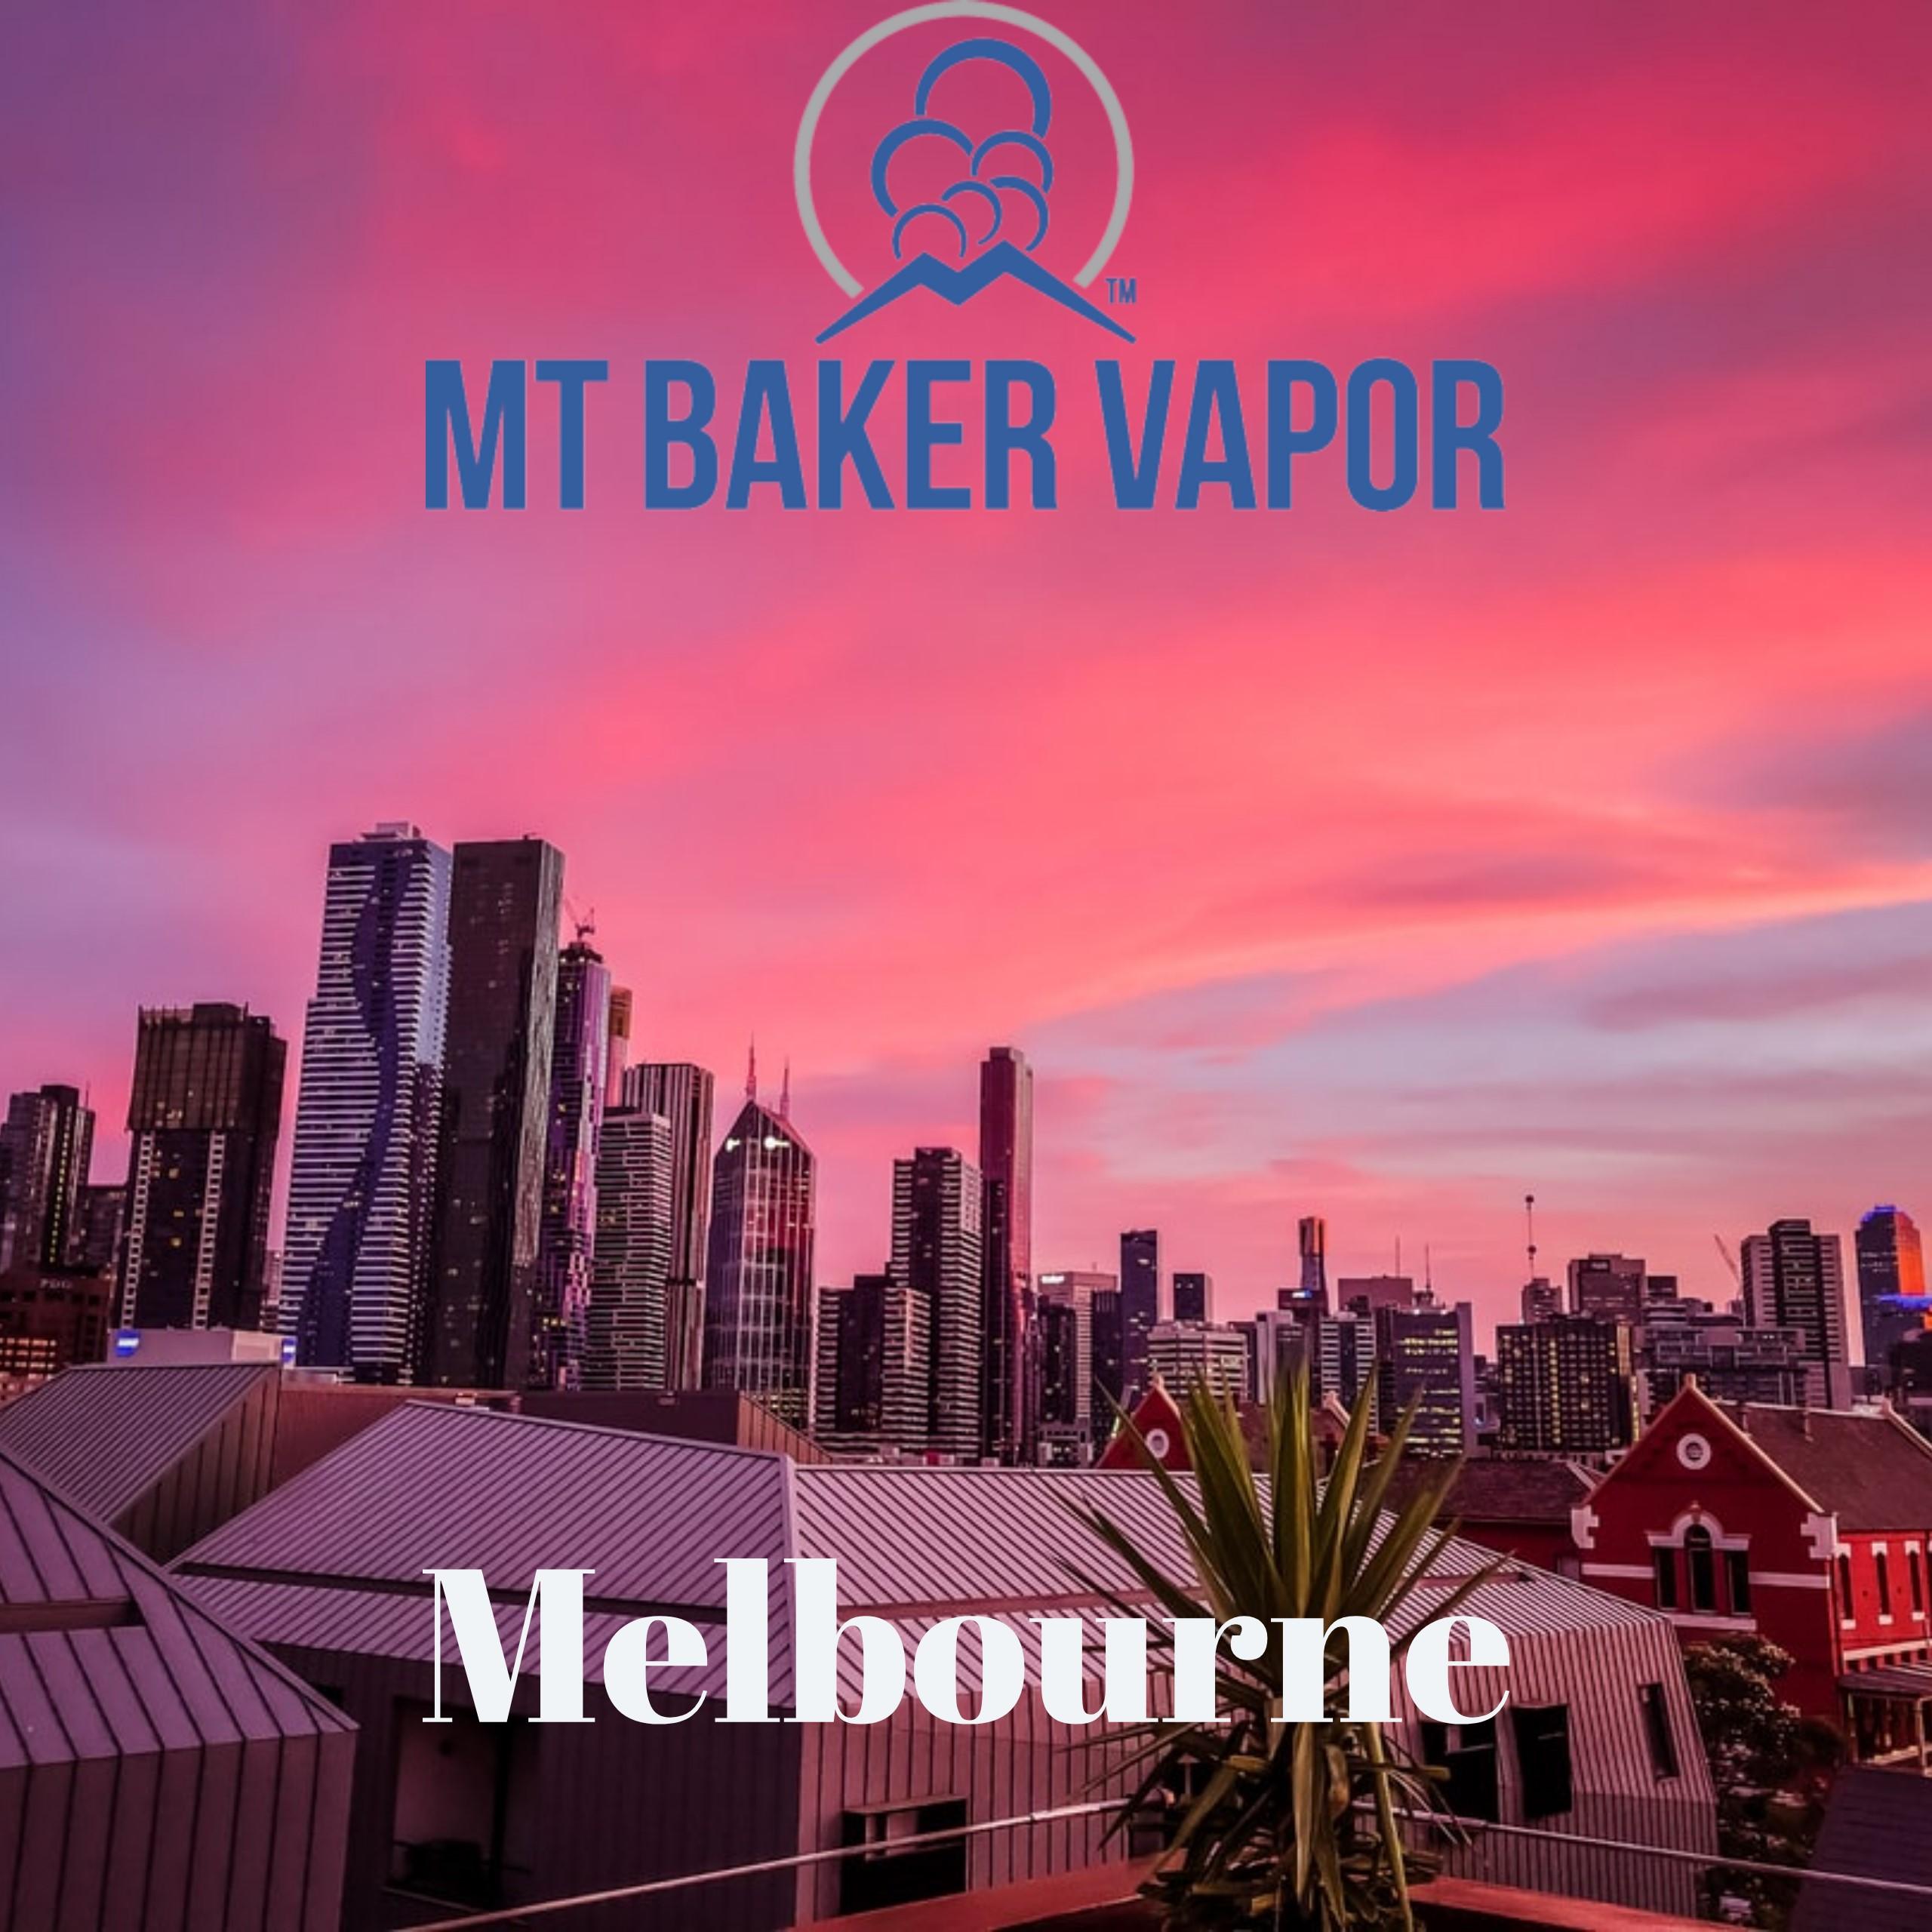 Melbourne. E-liquid your way